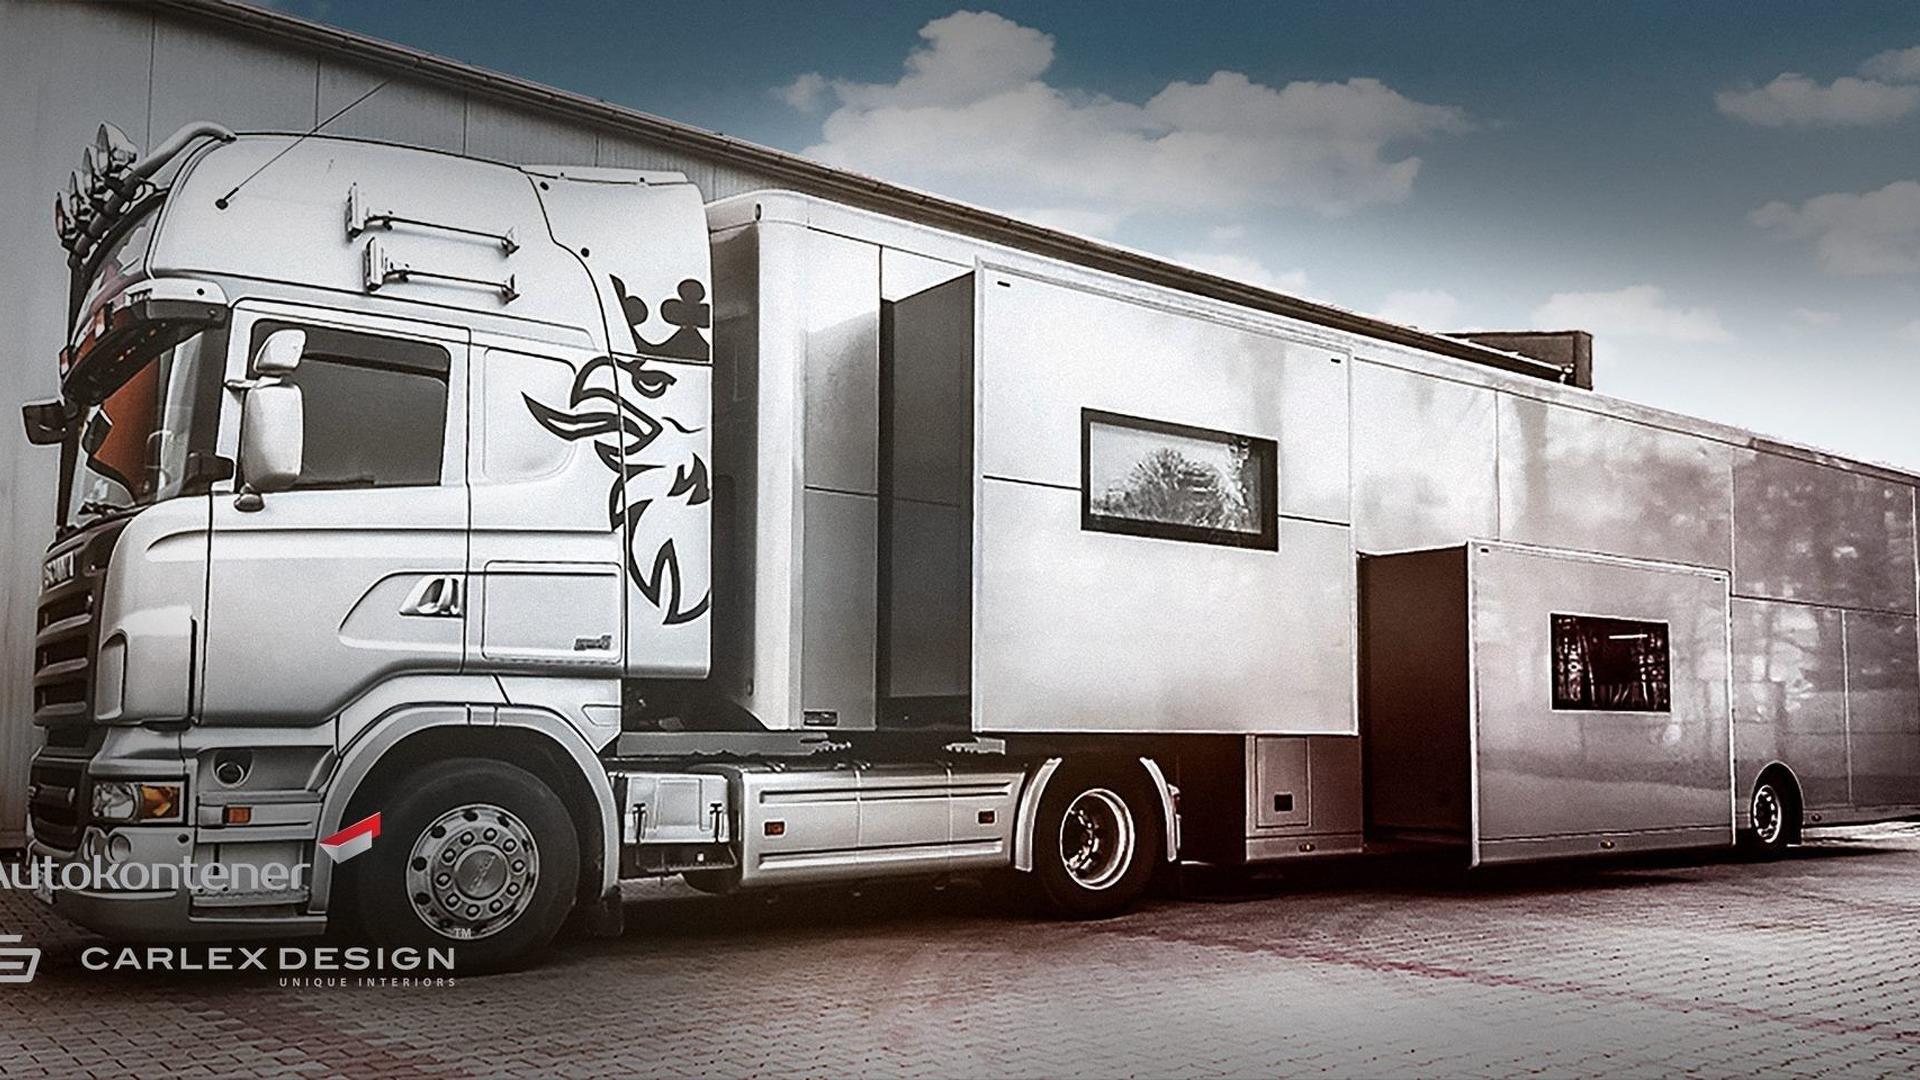 Carlex_Design_trailer_01